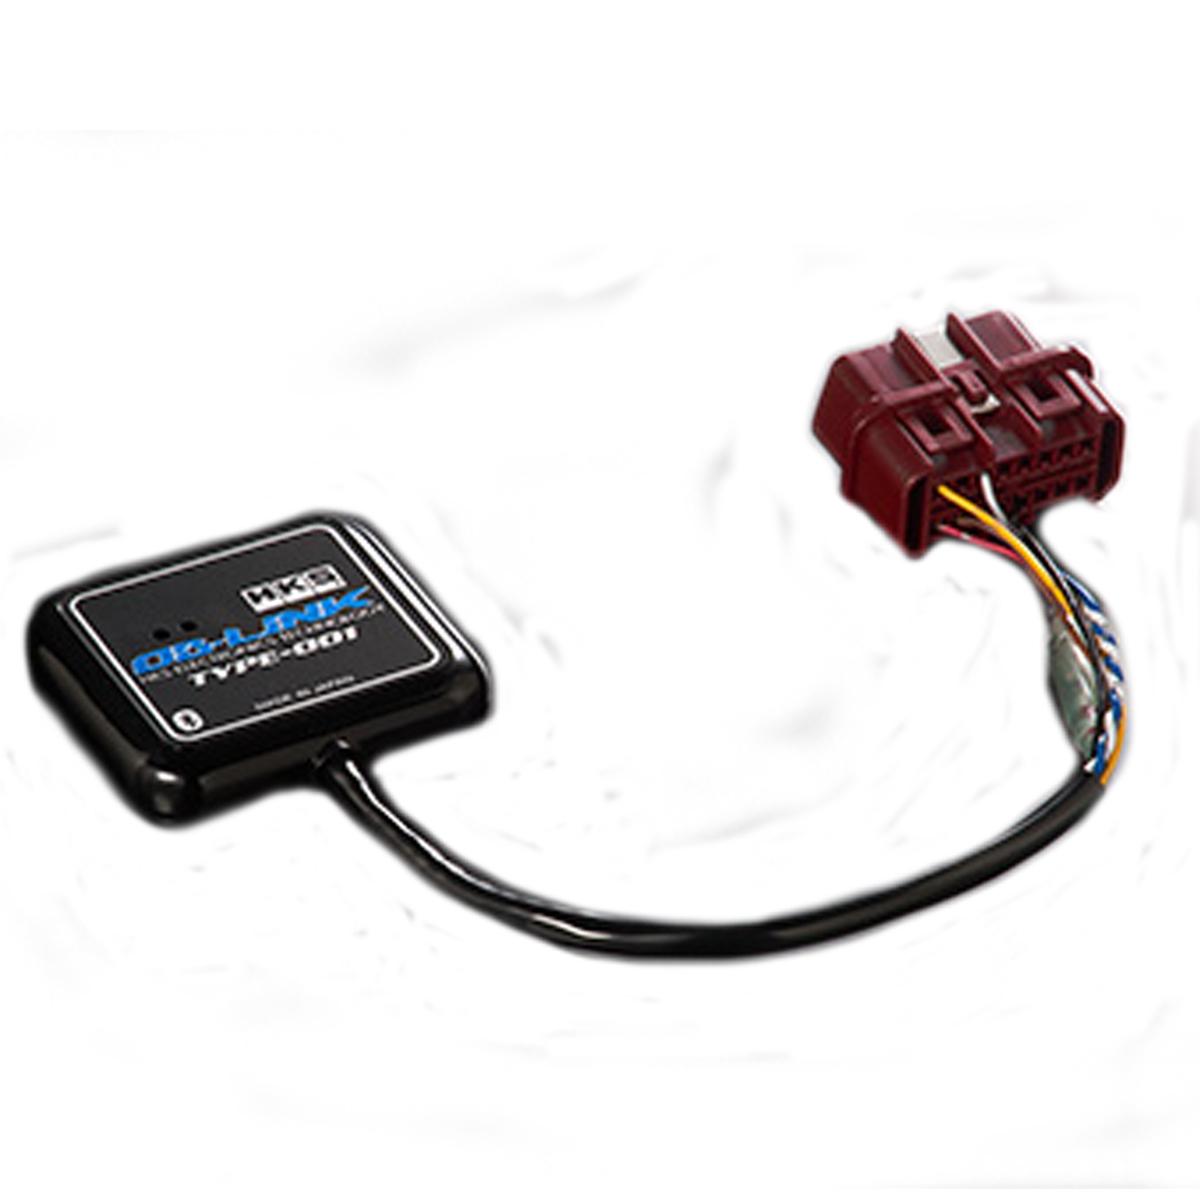 ジューク モニター OBリンク タイプ 001 YF15 HKS 44009-AK002 エレクトリニクス 個人宅発送追金有